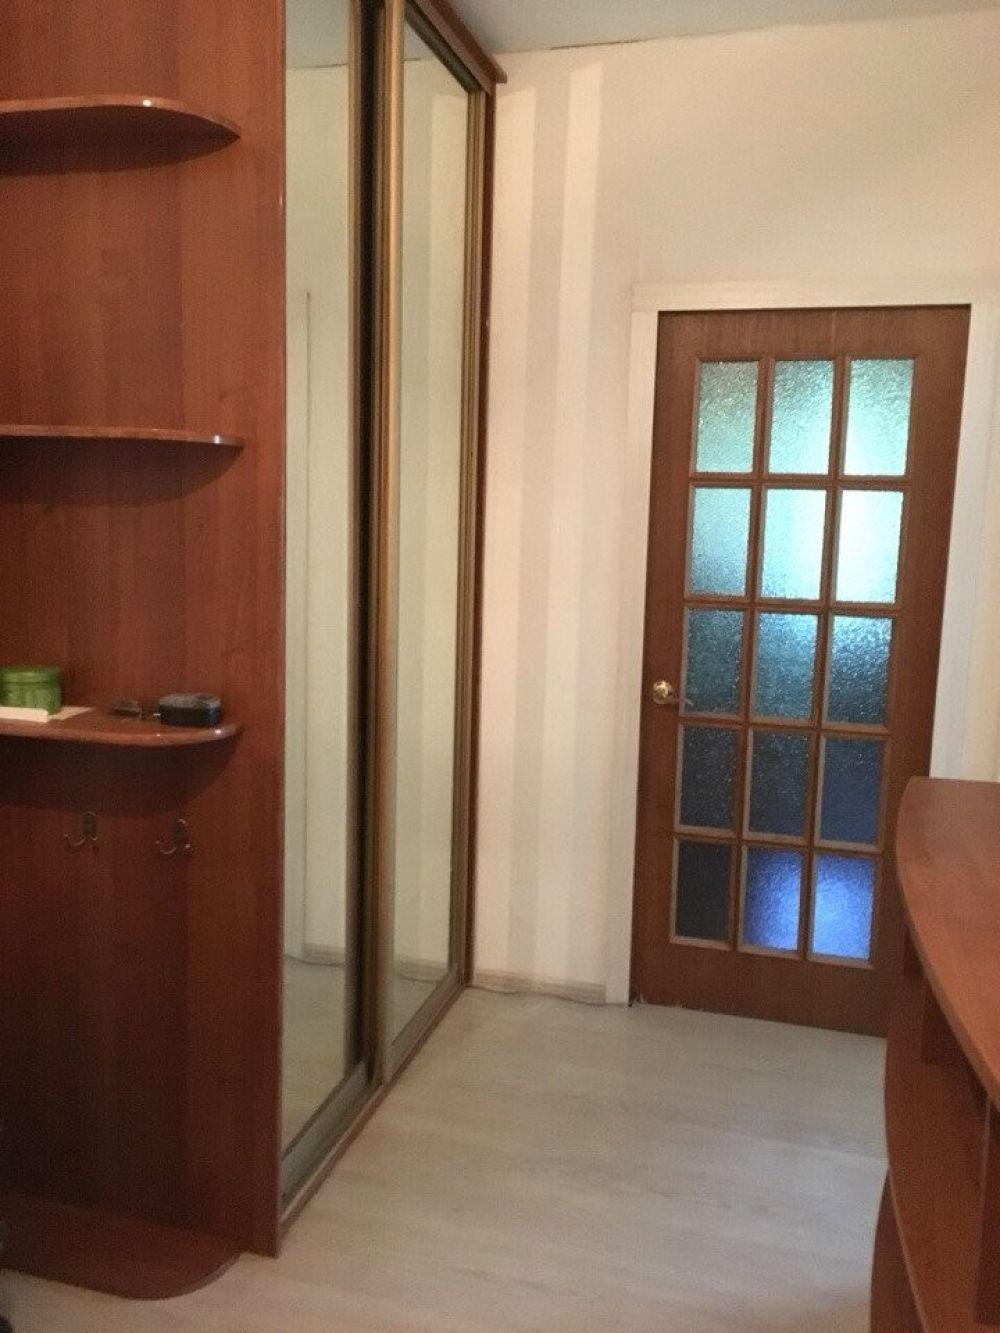 3-к квартира, Щёлково, Плеханова дом 10, фото 1